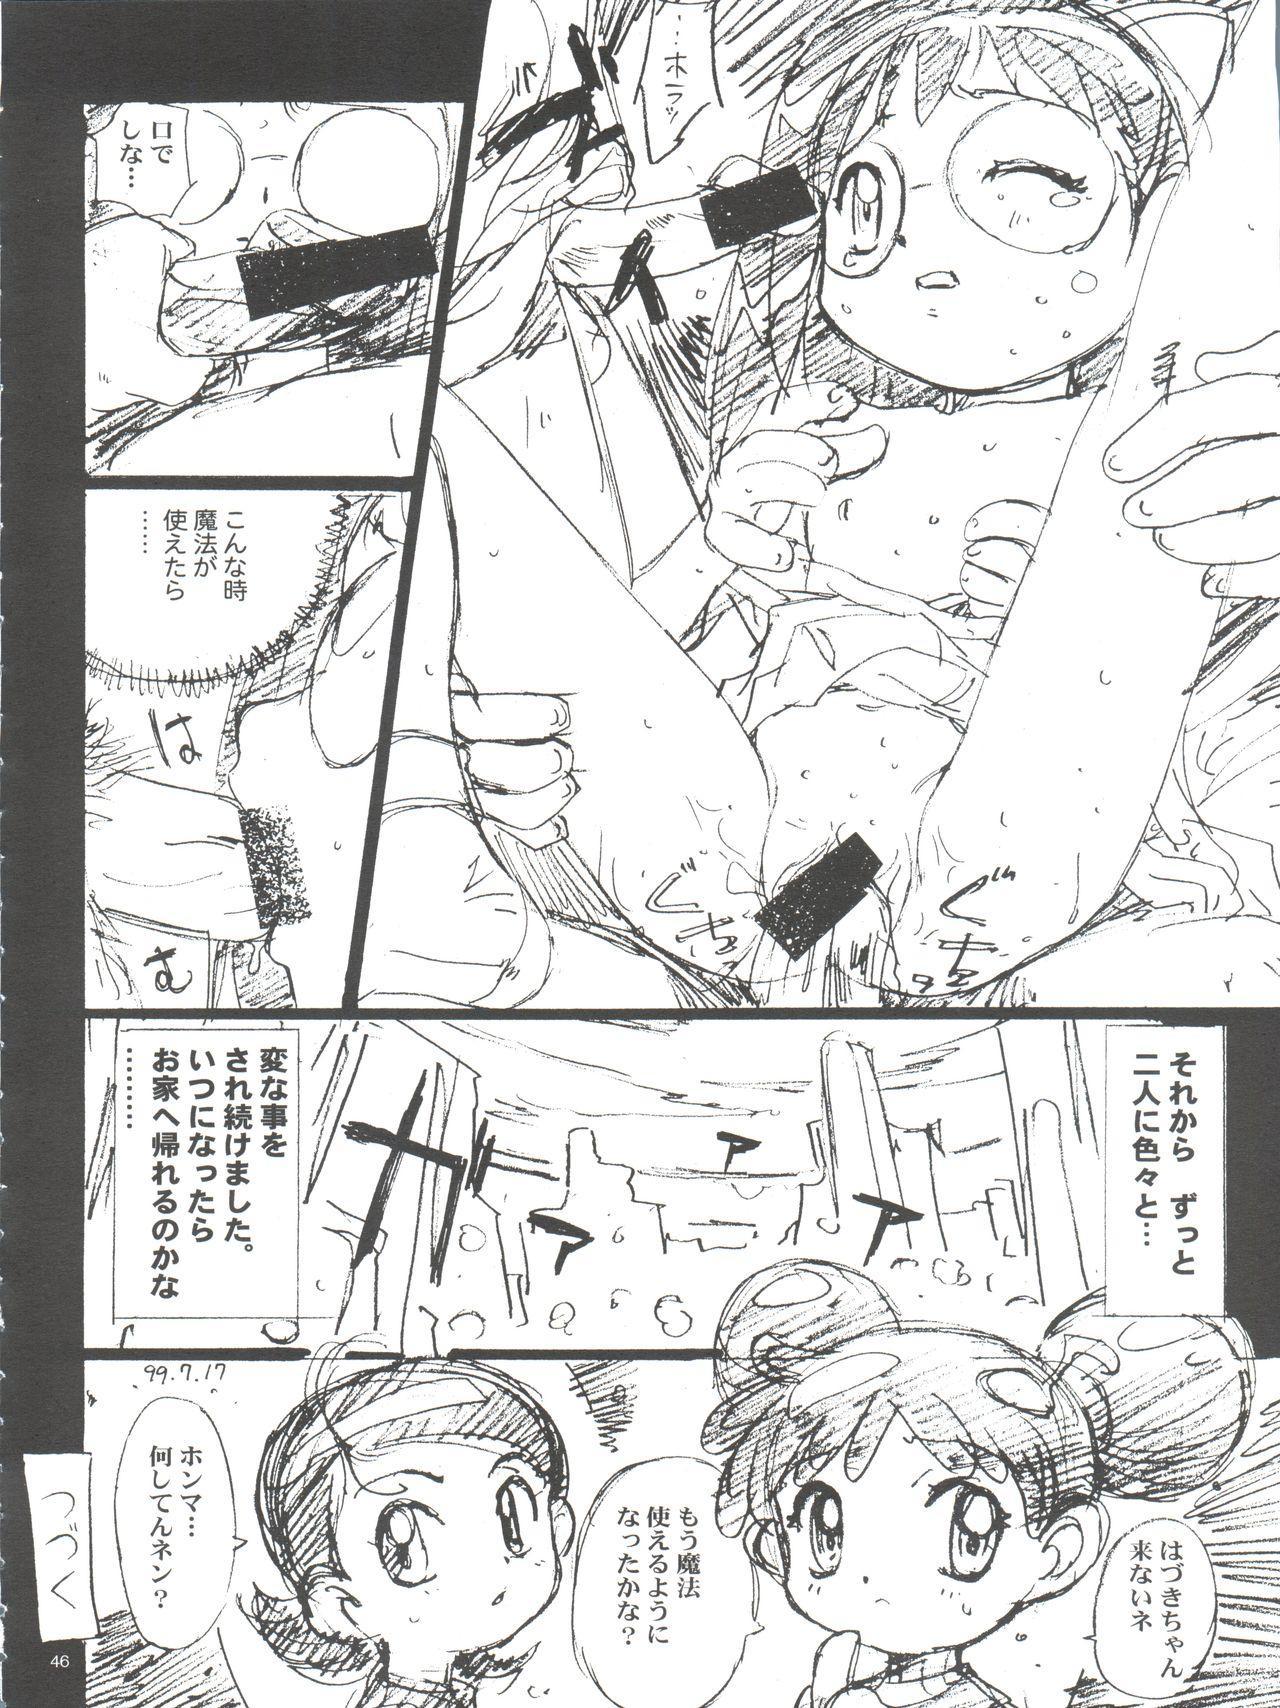 Wanpaku Anime Daihyakka Nanno Koto Jisensyuu Vol. 1 47